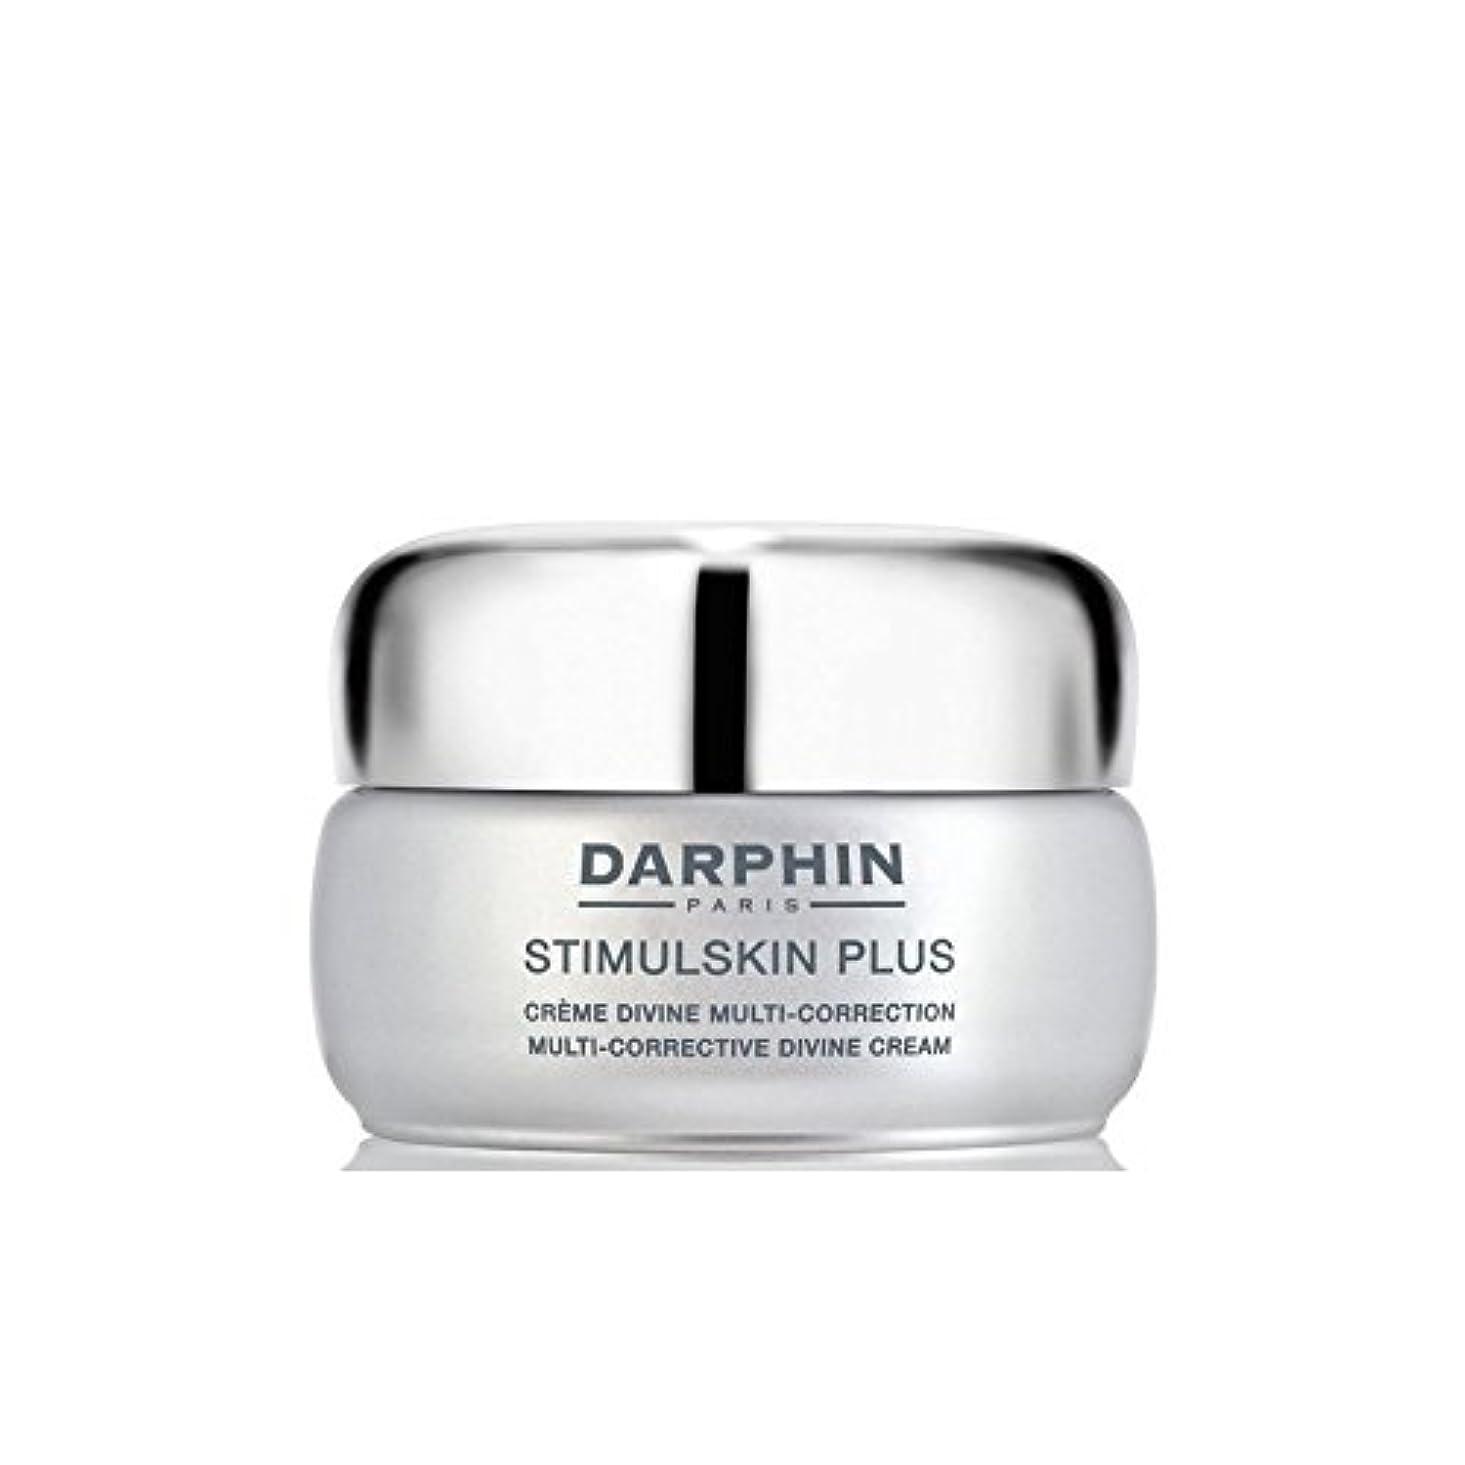 環境に優しい均等にステープルダルファンスティプラスマルチ是正神のクリーム x4 - Darphin Stimulskin Plus Multi-Corrective Divine Cream (Pack of 4) [並行輸入品]